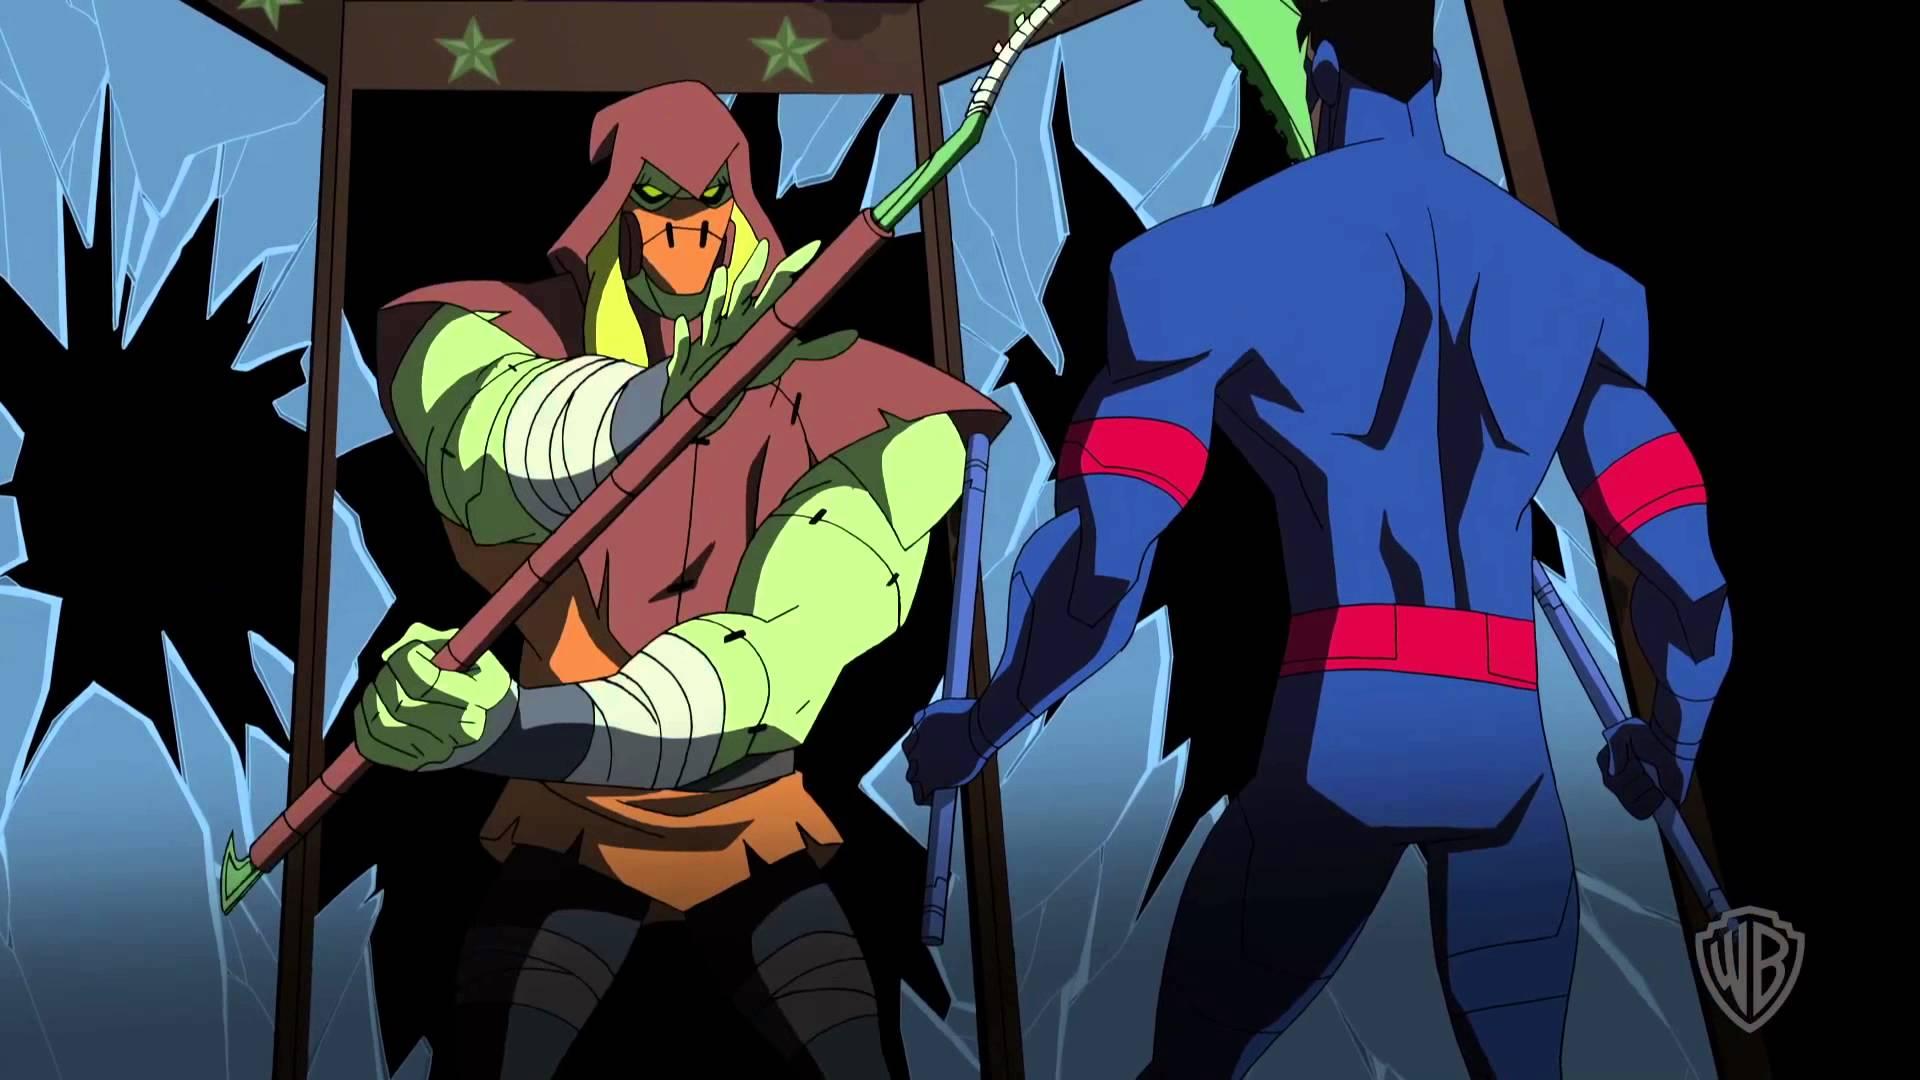 Batman Unlimited: Monster Mayhem Backgrounds, Compatible - PC, Mobile, Gadgets| 1920x1080 px